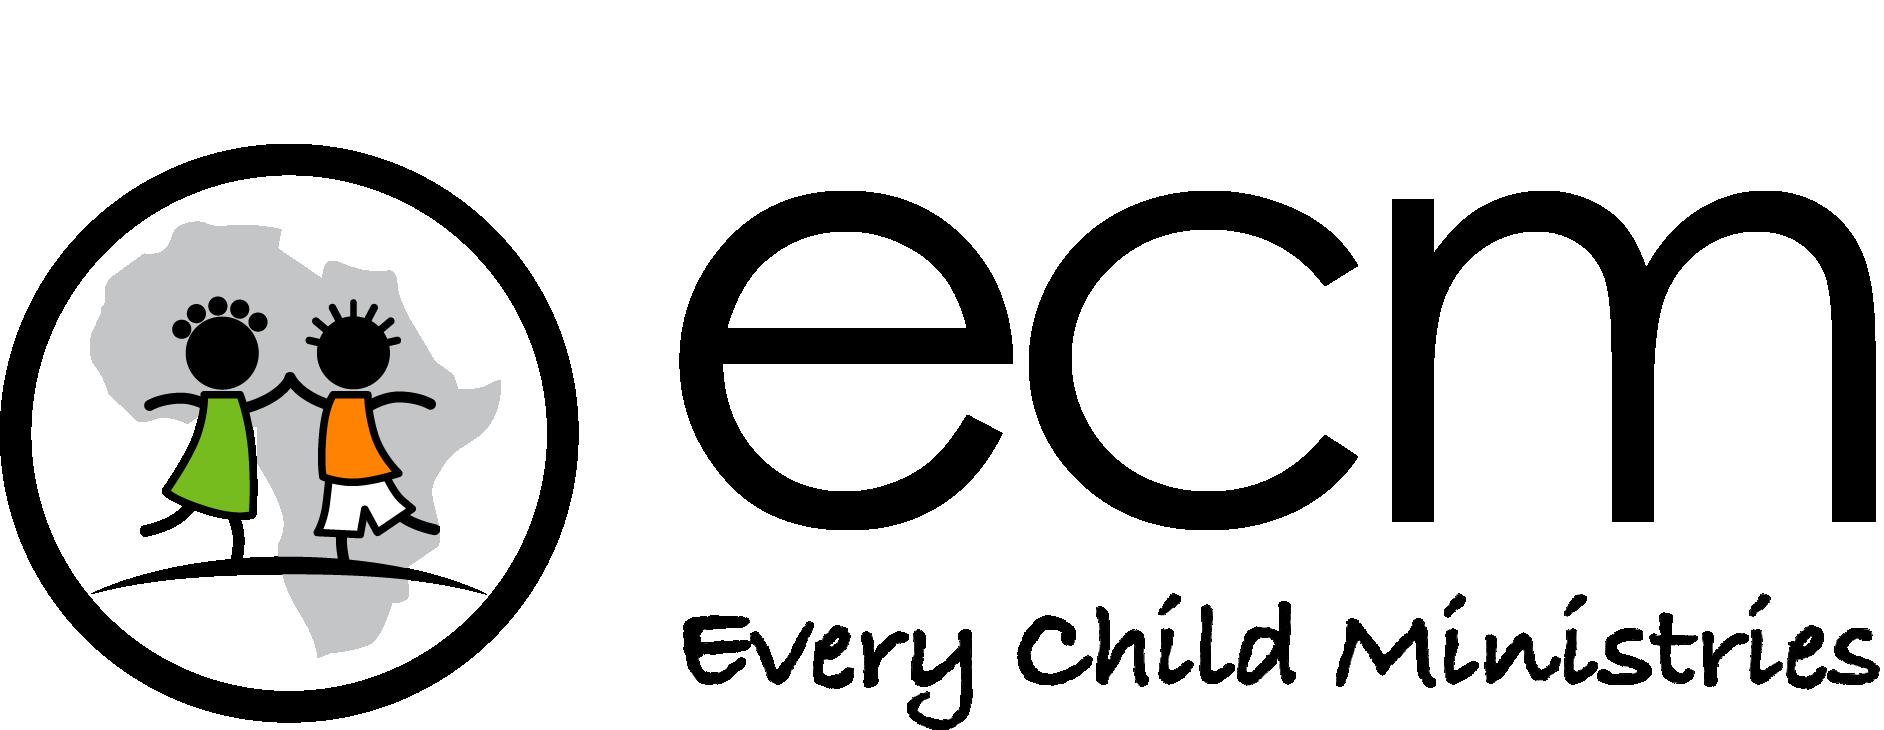 Ecm Logo Horizontal With Taglinergb 1